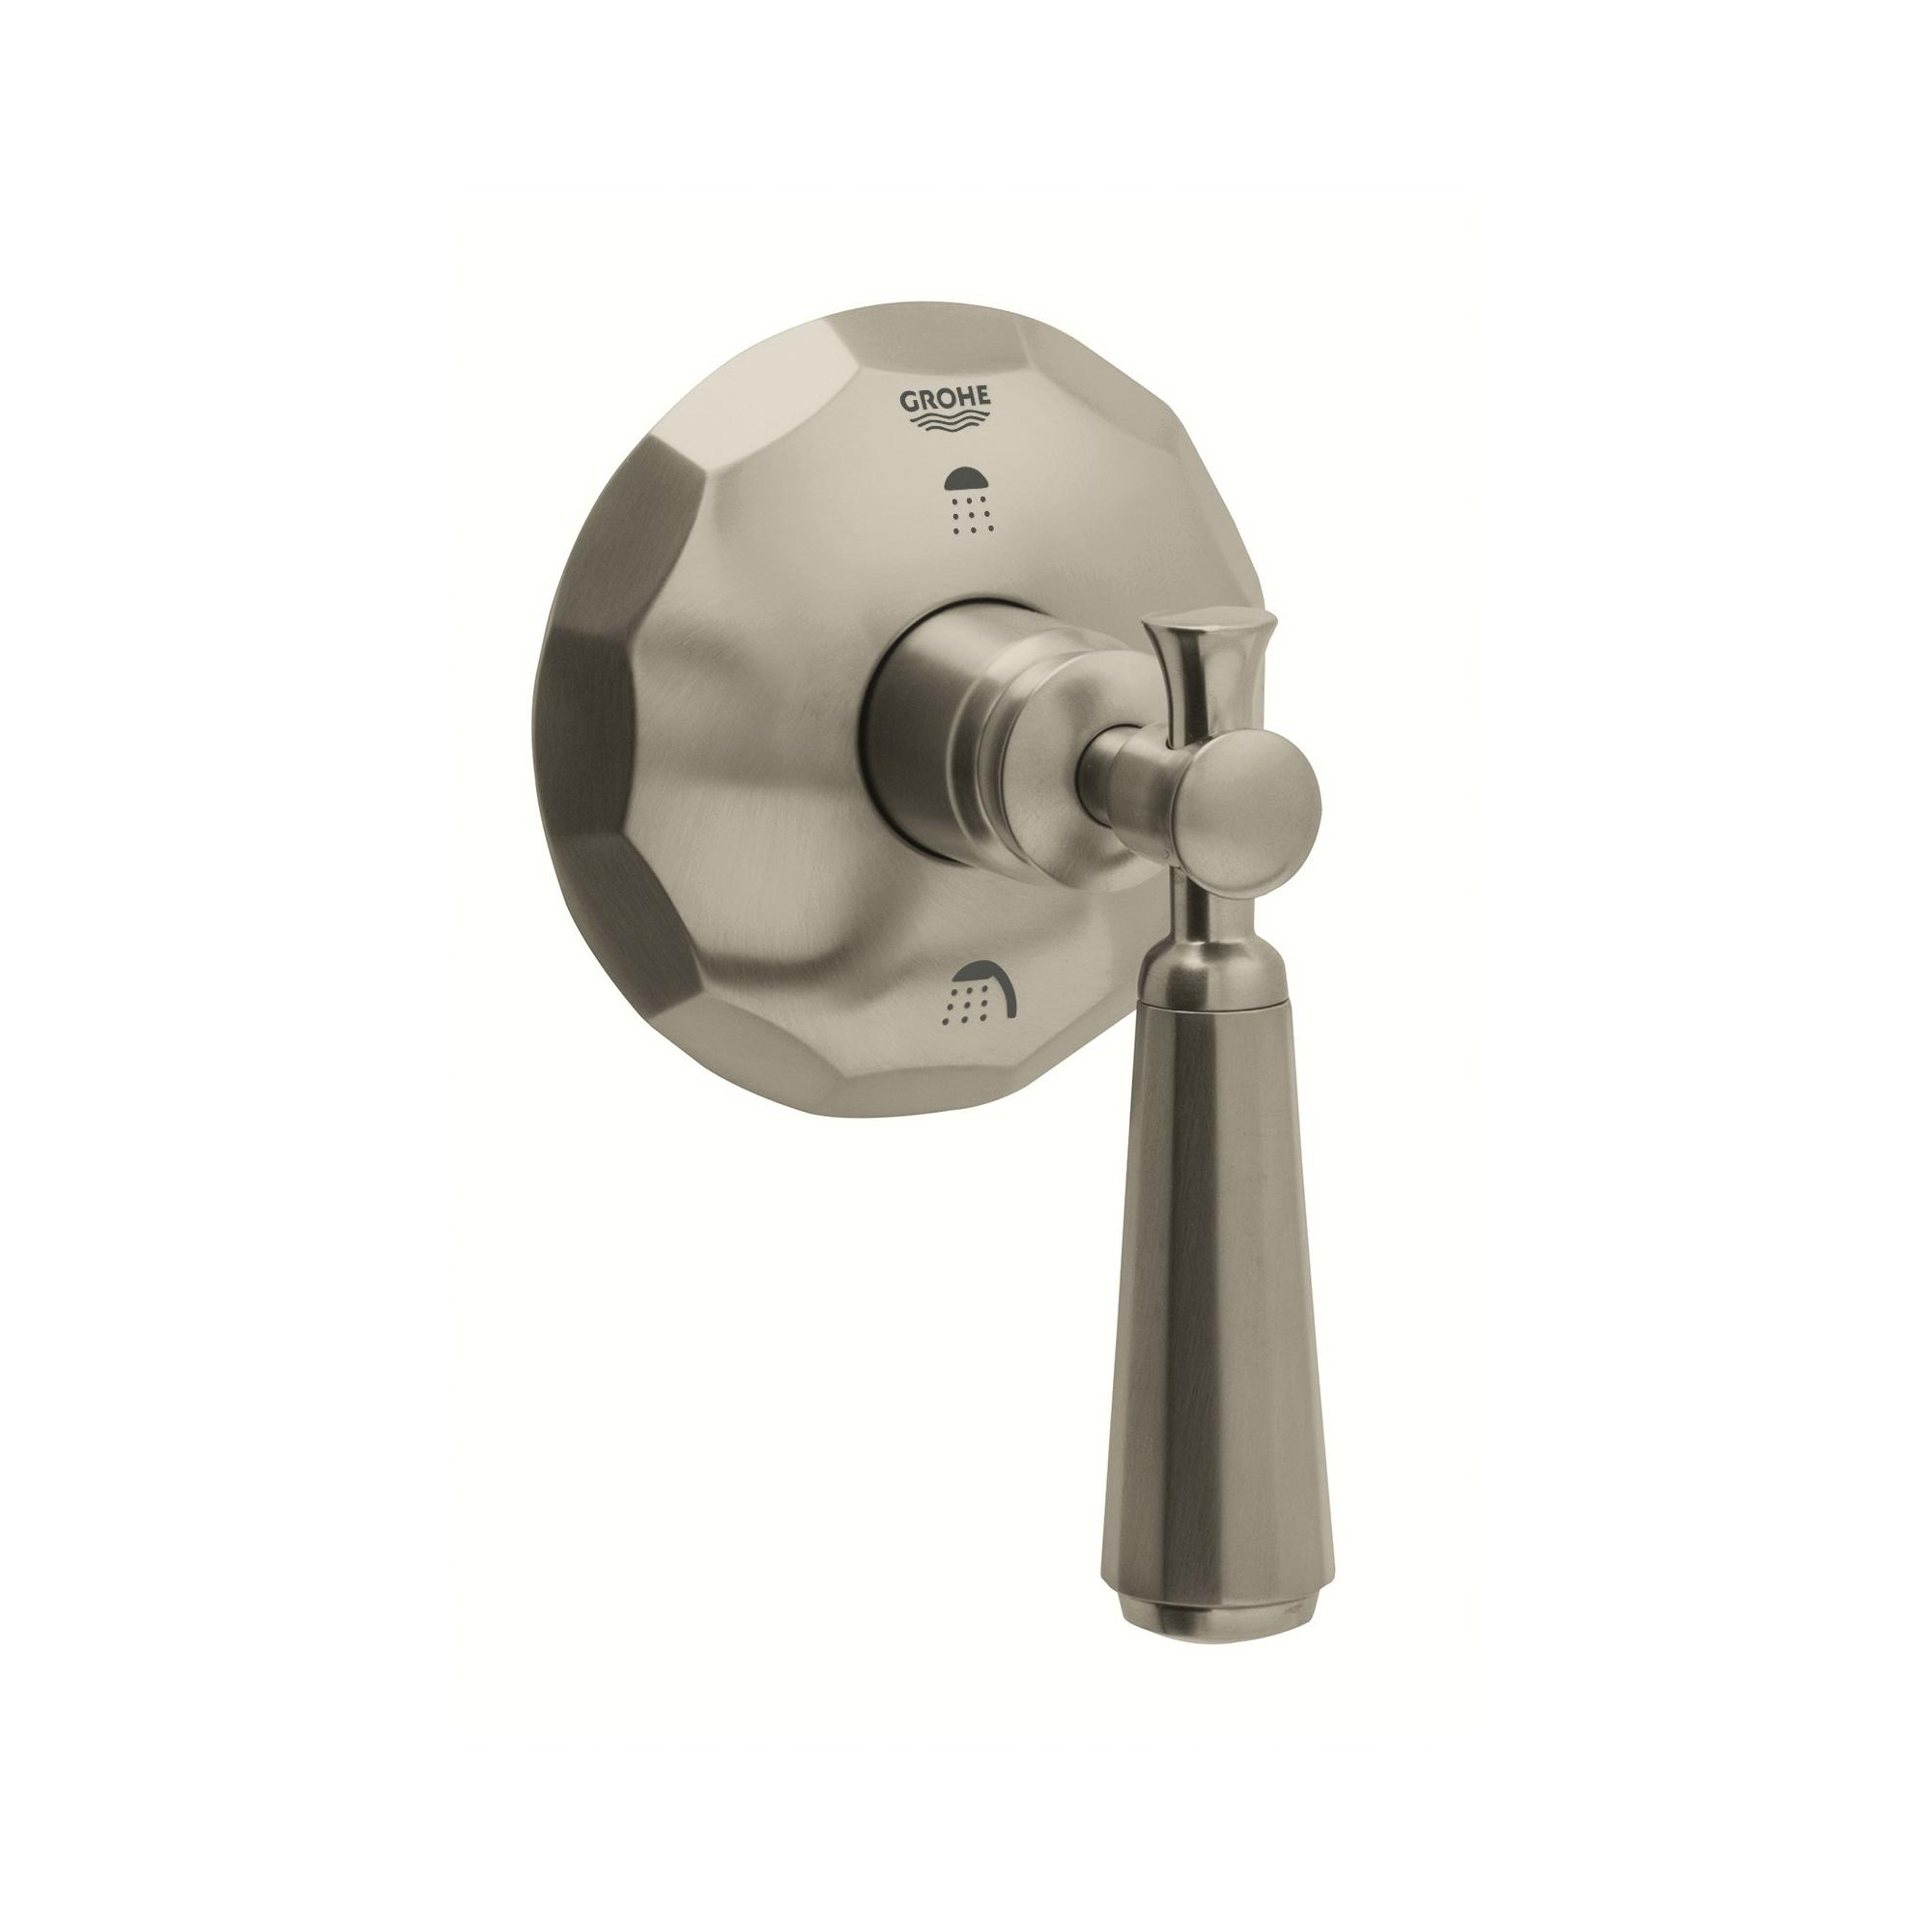 GROHE 19272EN0 3-Way Diverter, StarLight® Brushed Nickel